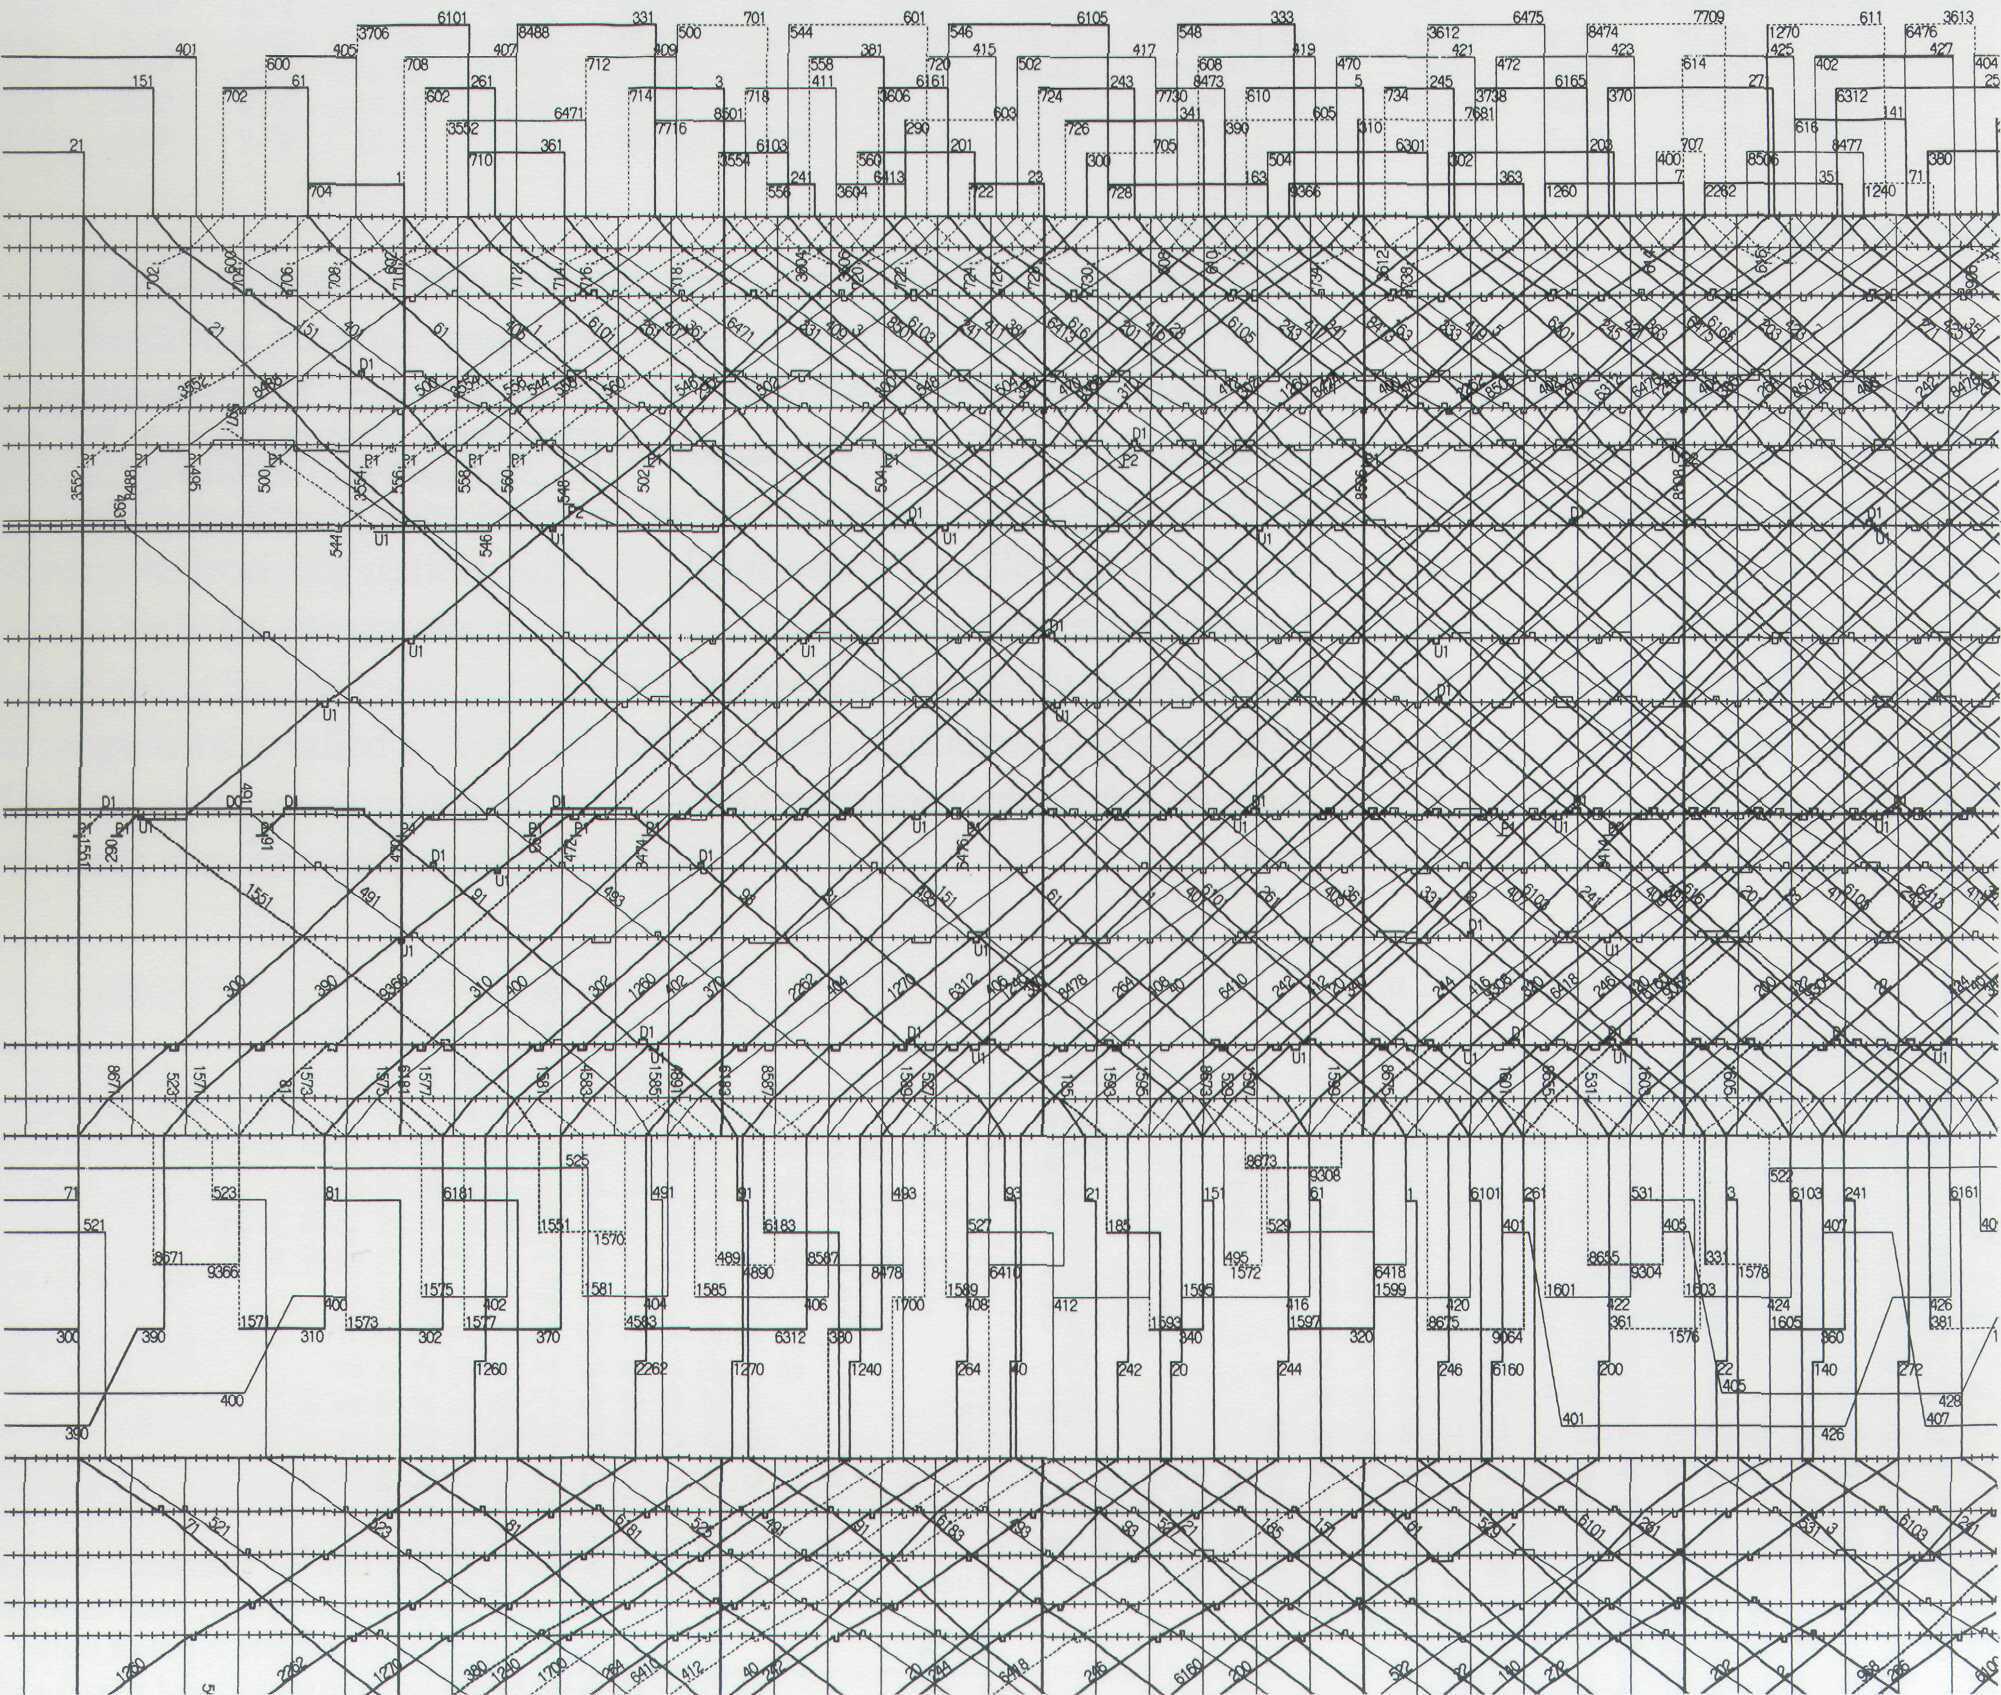 <strong>5.</strong> Komputerowo generowany diagram operacyjny Japońskich linii kolejowych Tokaido iSanyo Shinkansen z12:00, 25 lutego 1985— pokój kontroli ruchu wTokyo 1